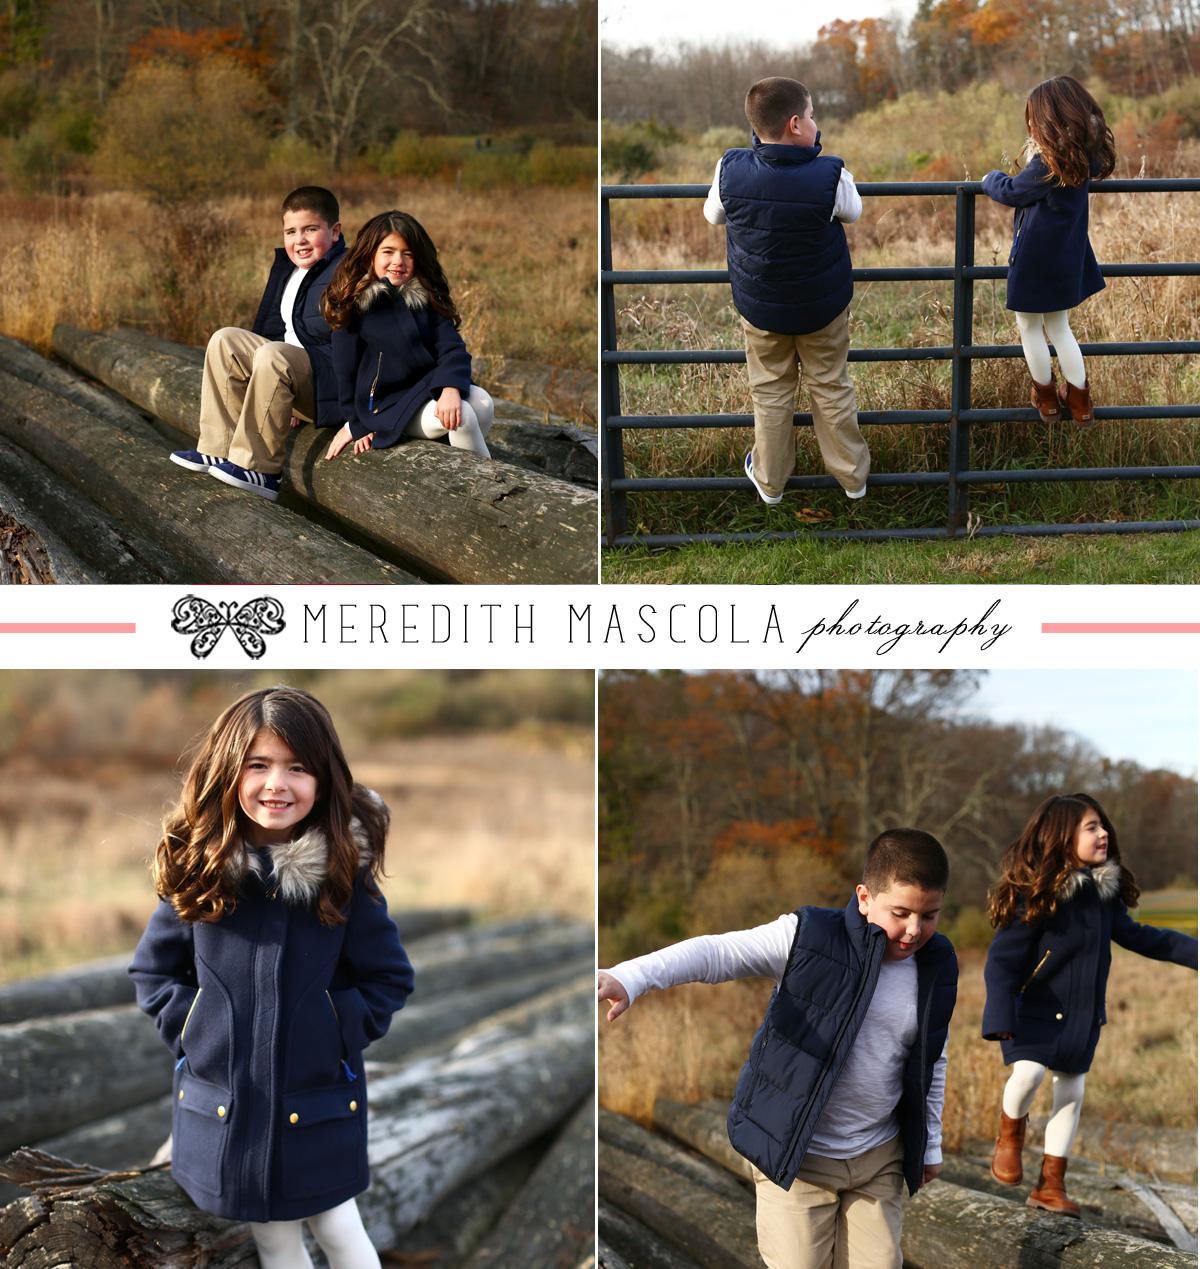 newjerseyfamilyphotographer56.jpg